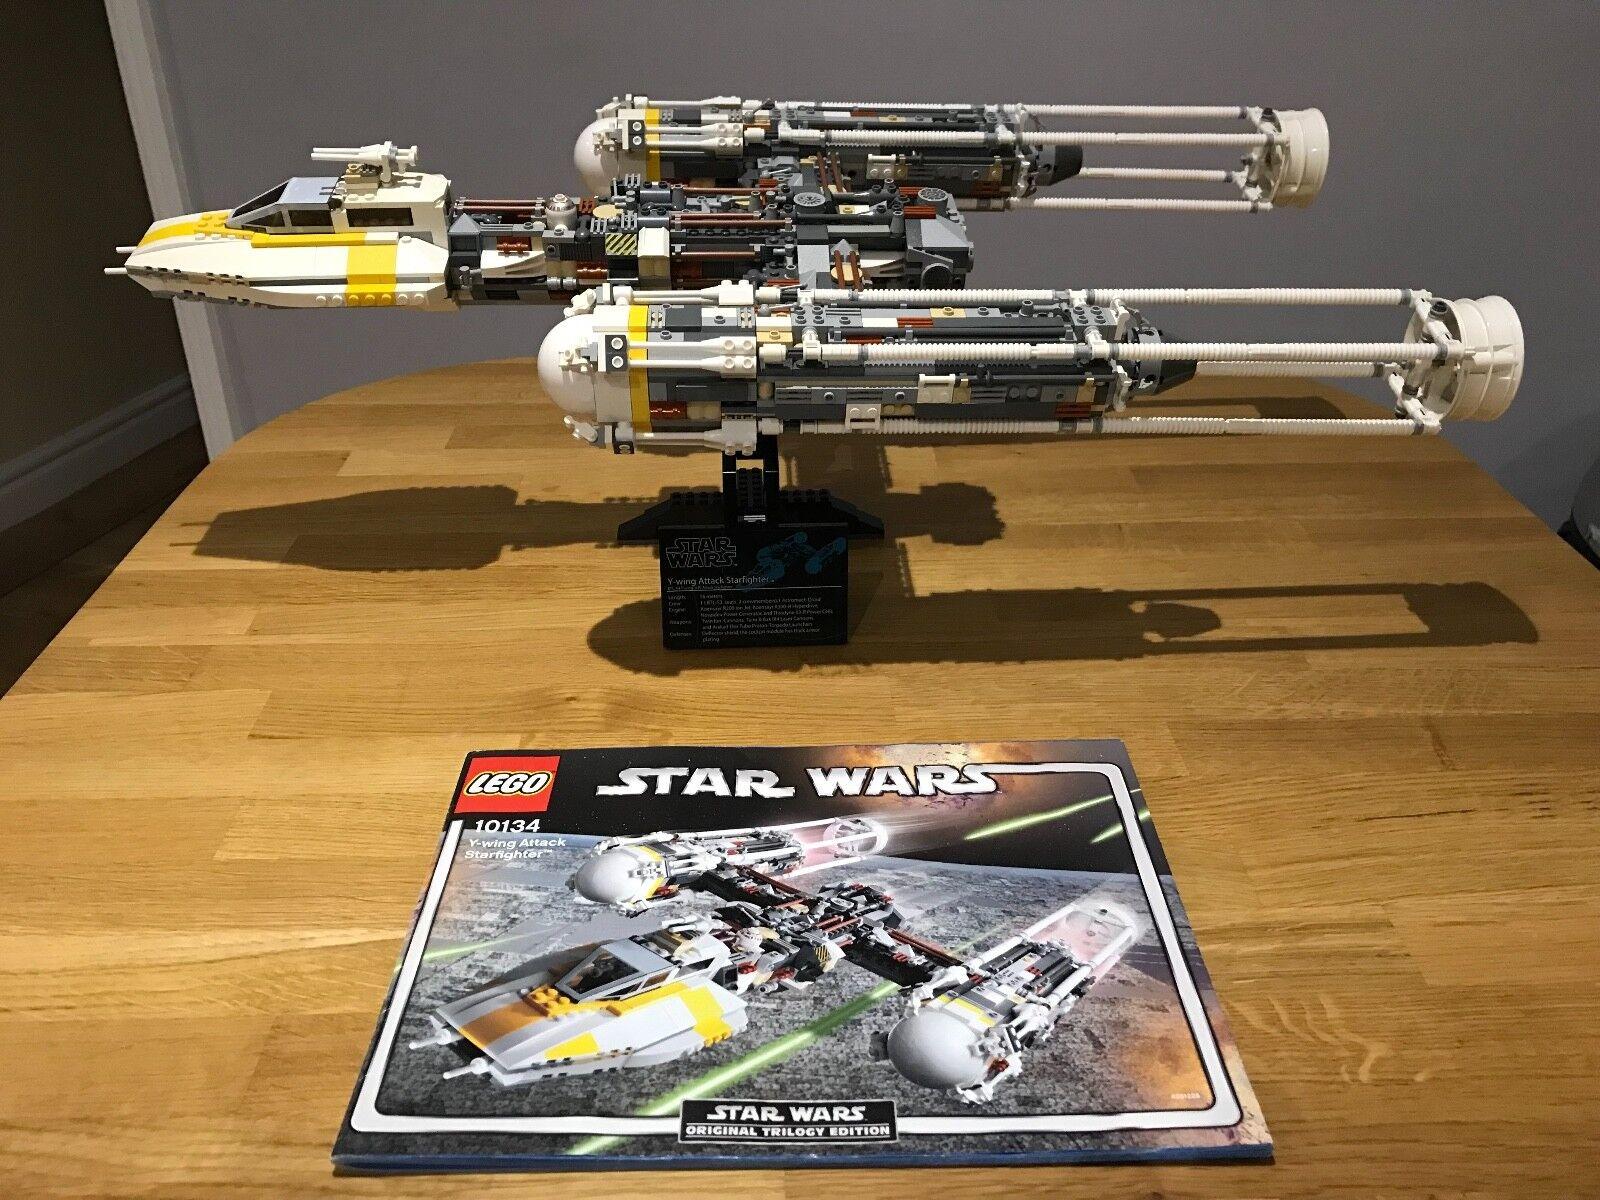 marchi di moda LEGO Estrella Guerras 10134-UCS 10134-UCS 10134-UCS Y-Wing Estrellacombatiente ATTACCO (senza confezione)  buona qualità